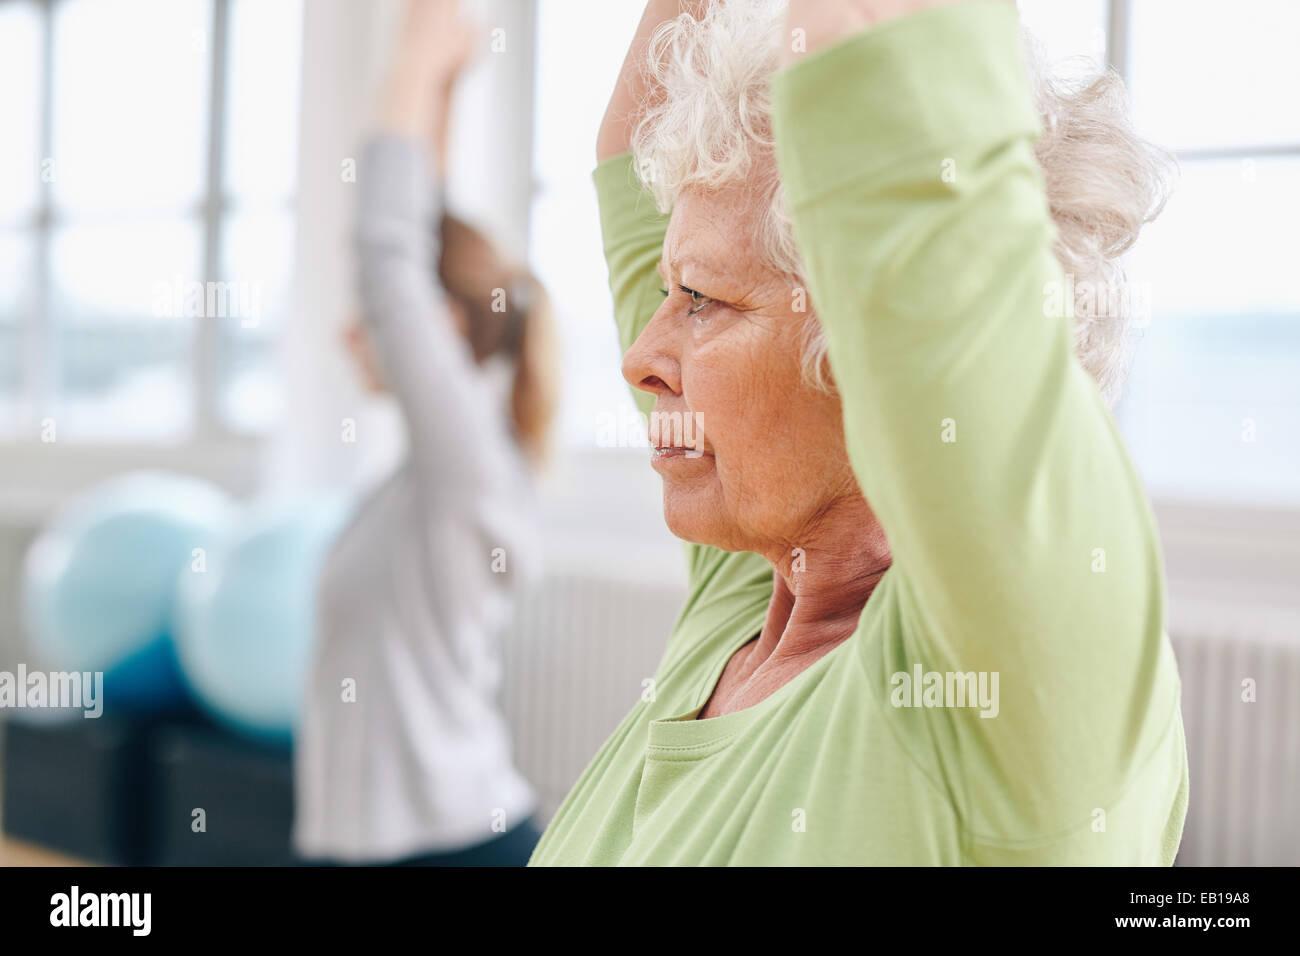 Close-up immagine della donna senior a praticare yoga in palestra. Attiva donna senior esercitare presso un club Immagini Stock